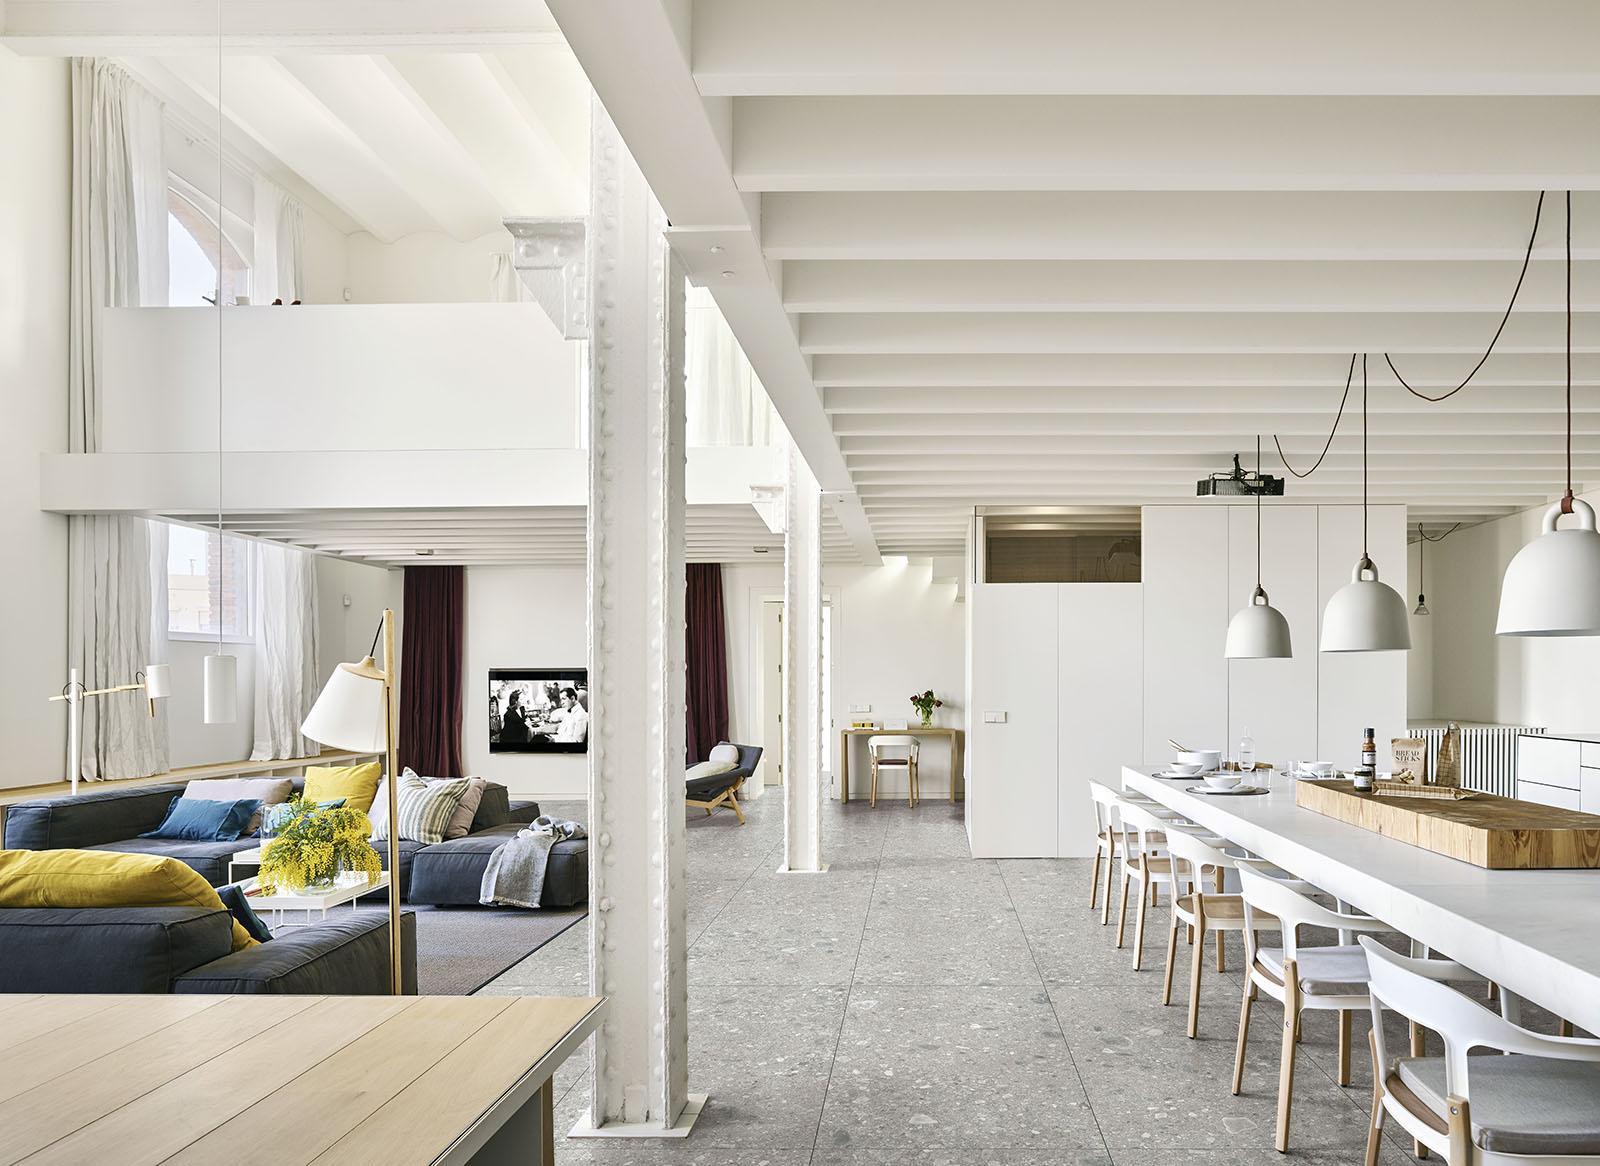 Erstaunlich Küche Industrial Style Ideen Von Die Perfekten Wandfliesen Für Die Küche Im